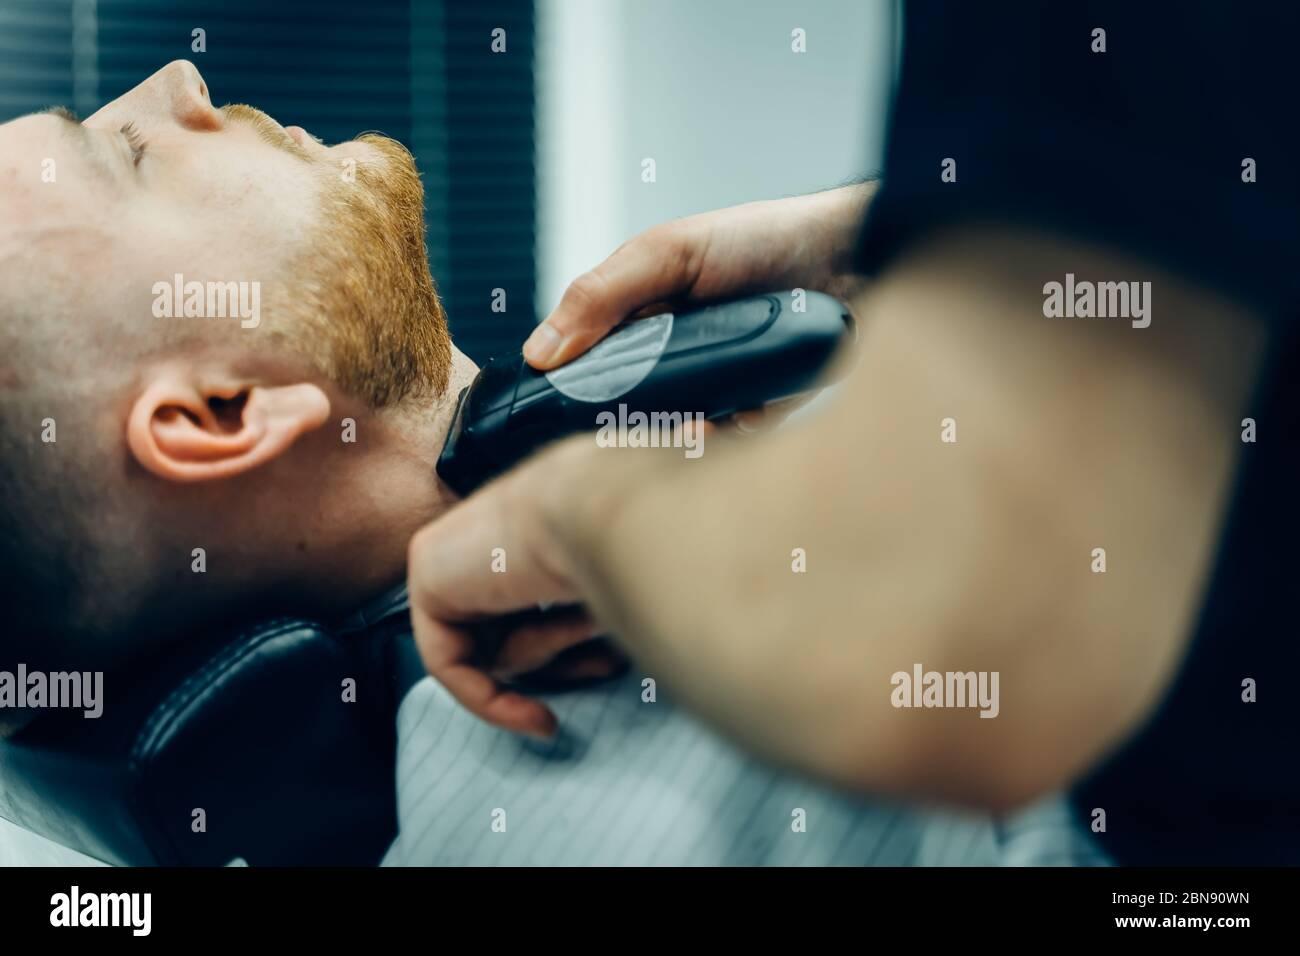 Barbería de corte barbudo hombre con máquina de afeitar en la peluquería. Proceso de peluquería. Primer plano de un estilista cortando la barba de un varón barbudo. Foto de stock